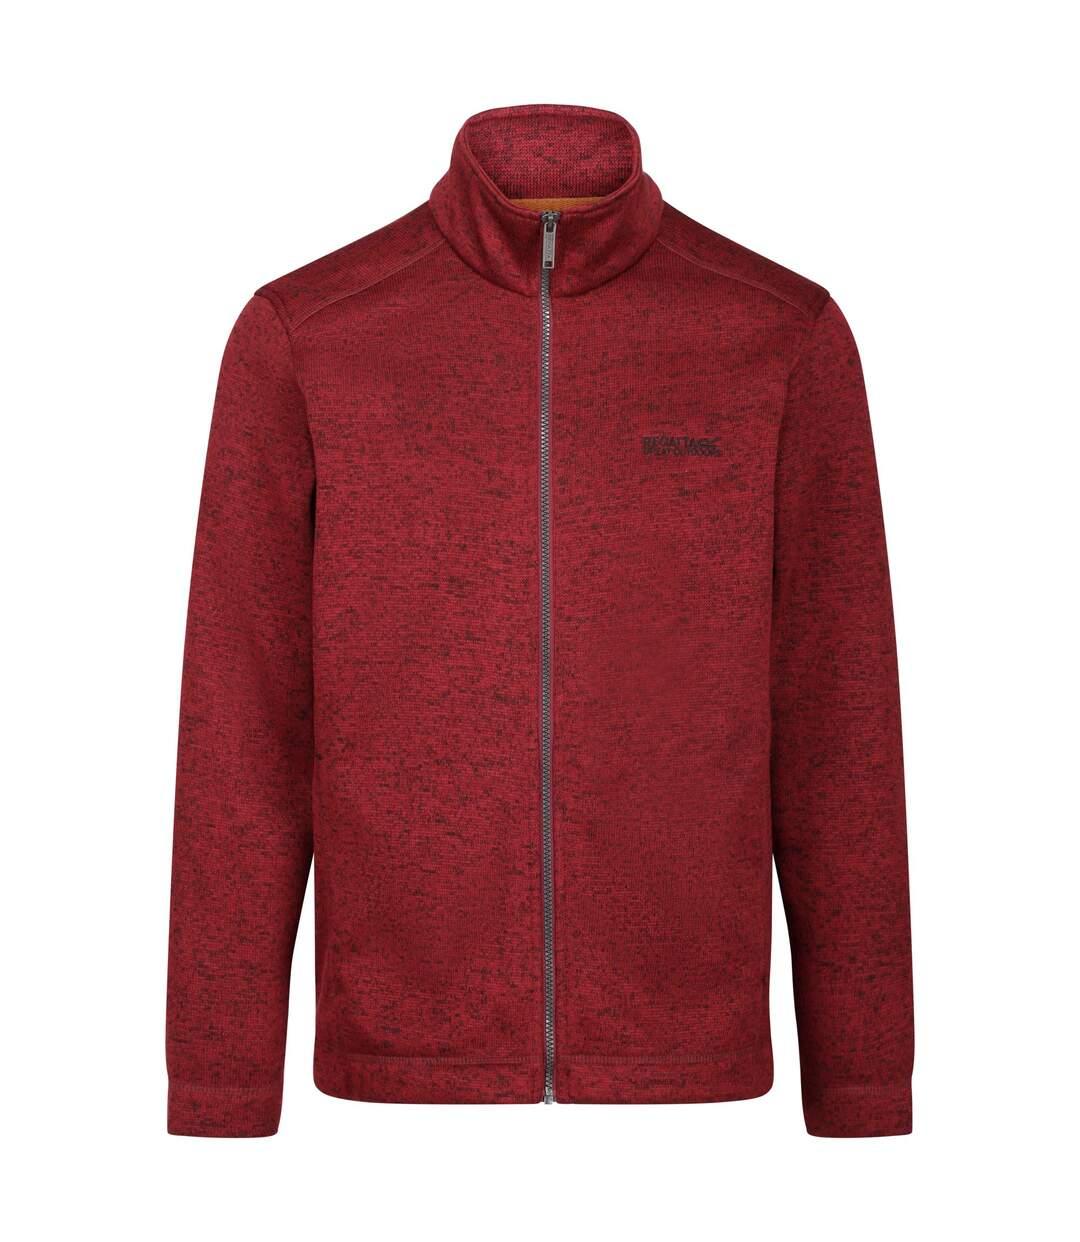 Regatta Mens Branton II Full Zip Marl Fleece Top (Burgundy) - UTRG4763